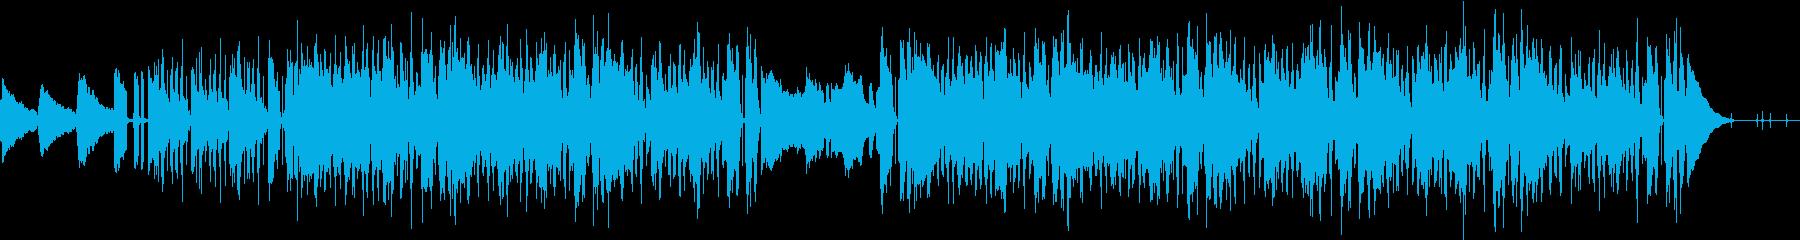 Lofi HIPHOP風のBGMの再生済みの波形